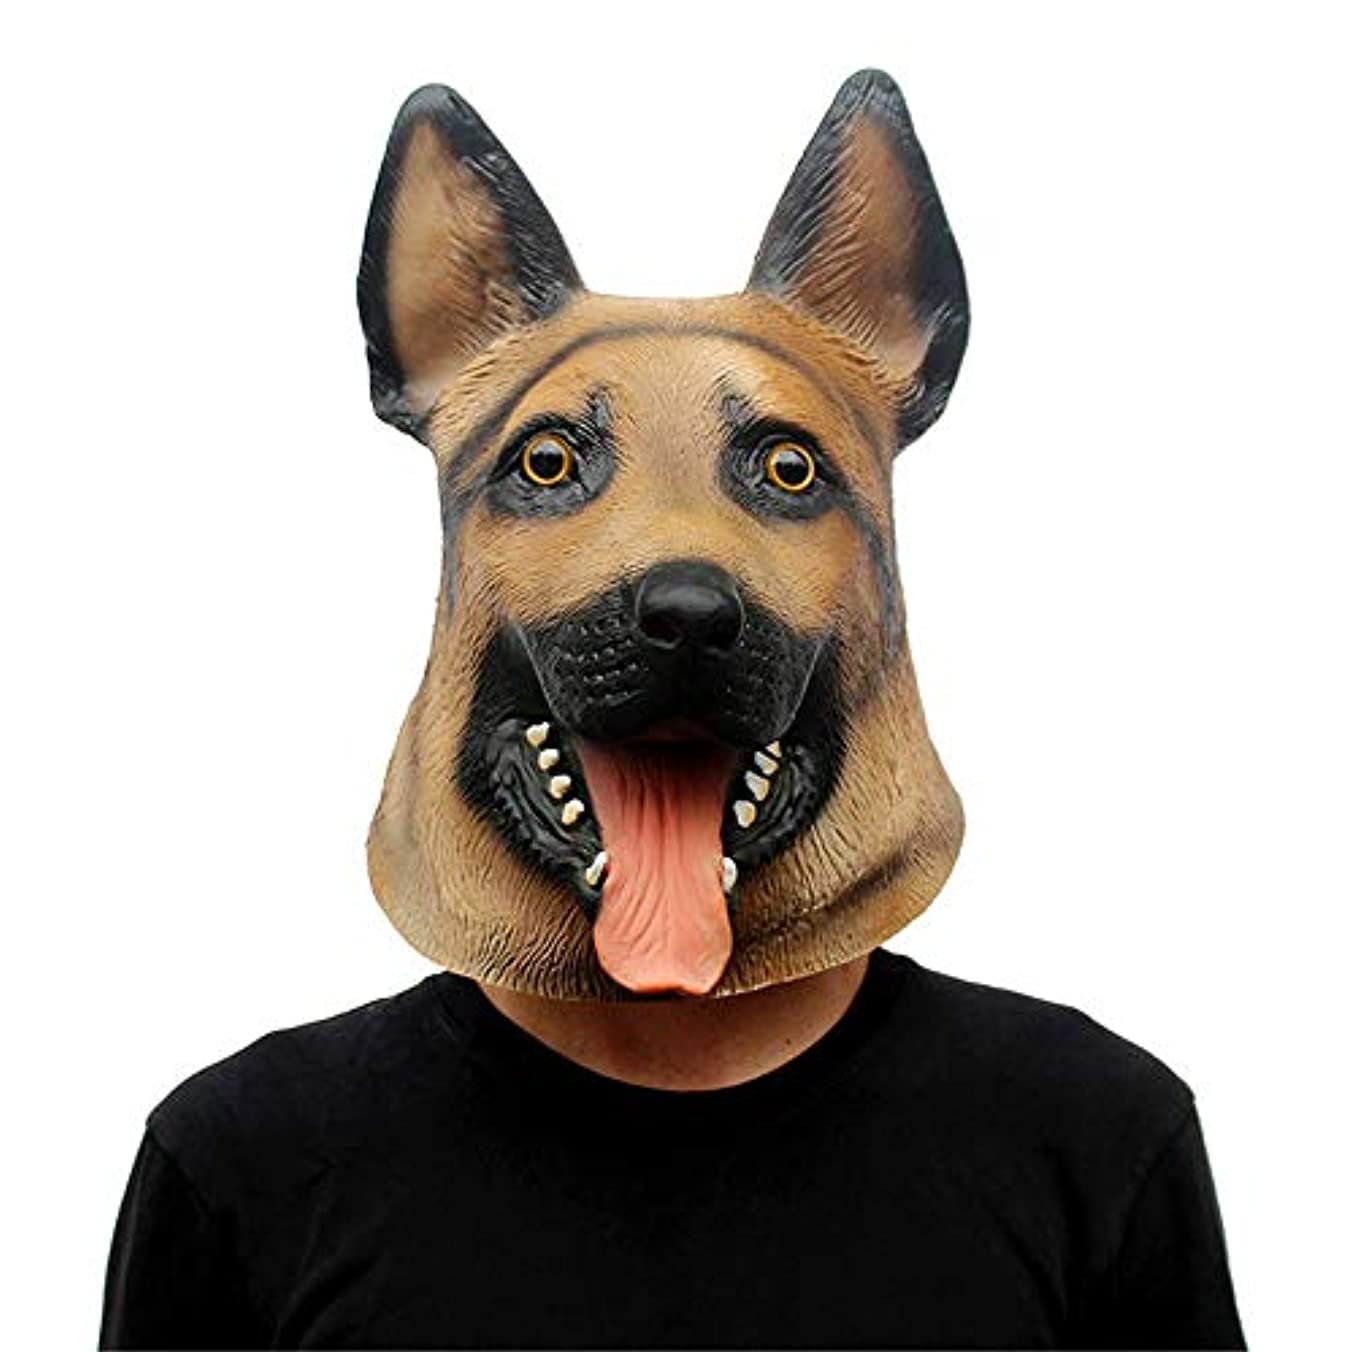 筋ご注意主婦柴犬マスクラテックスマスクハロウィンコスプレ小道具犬ヘッドマスク